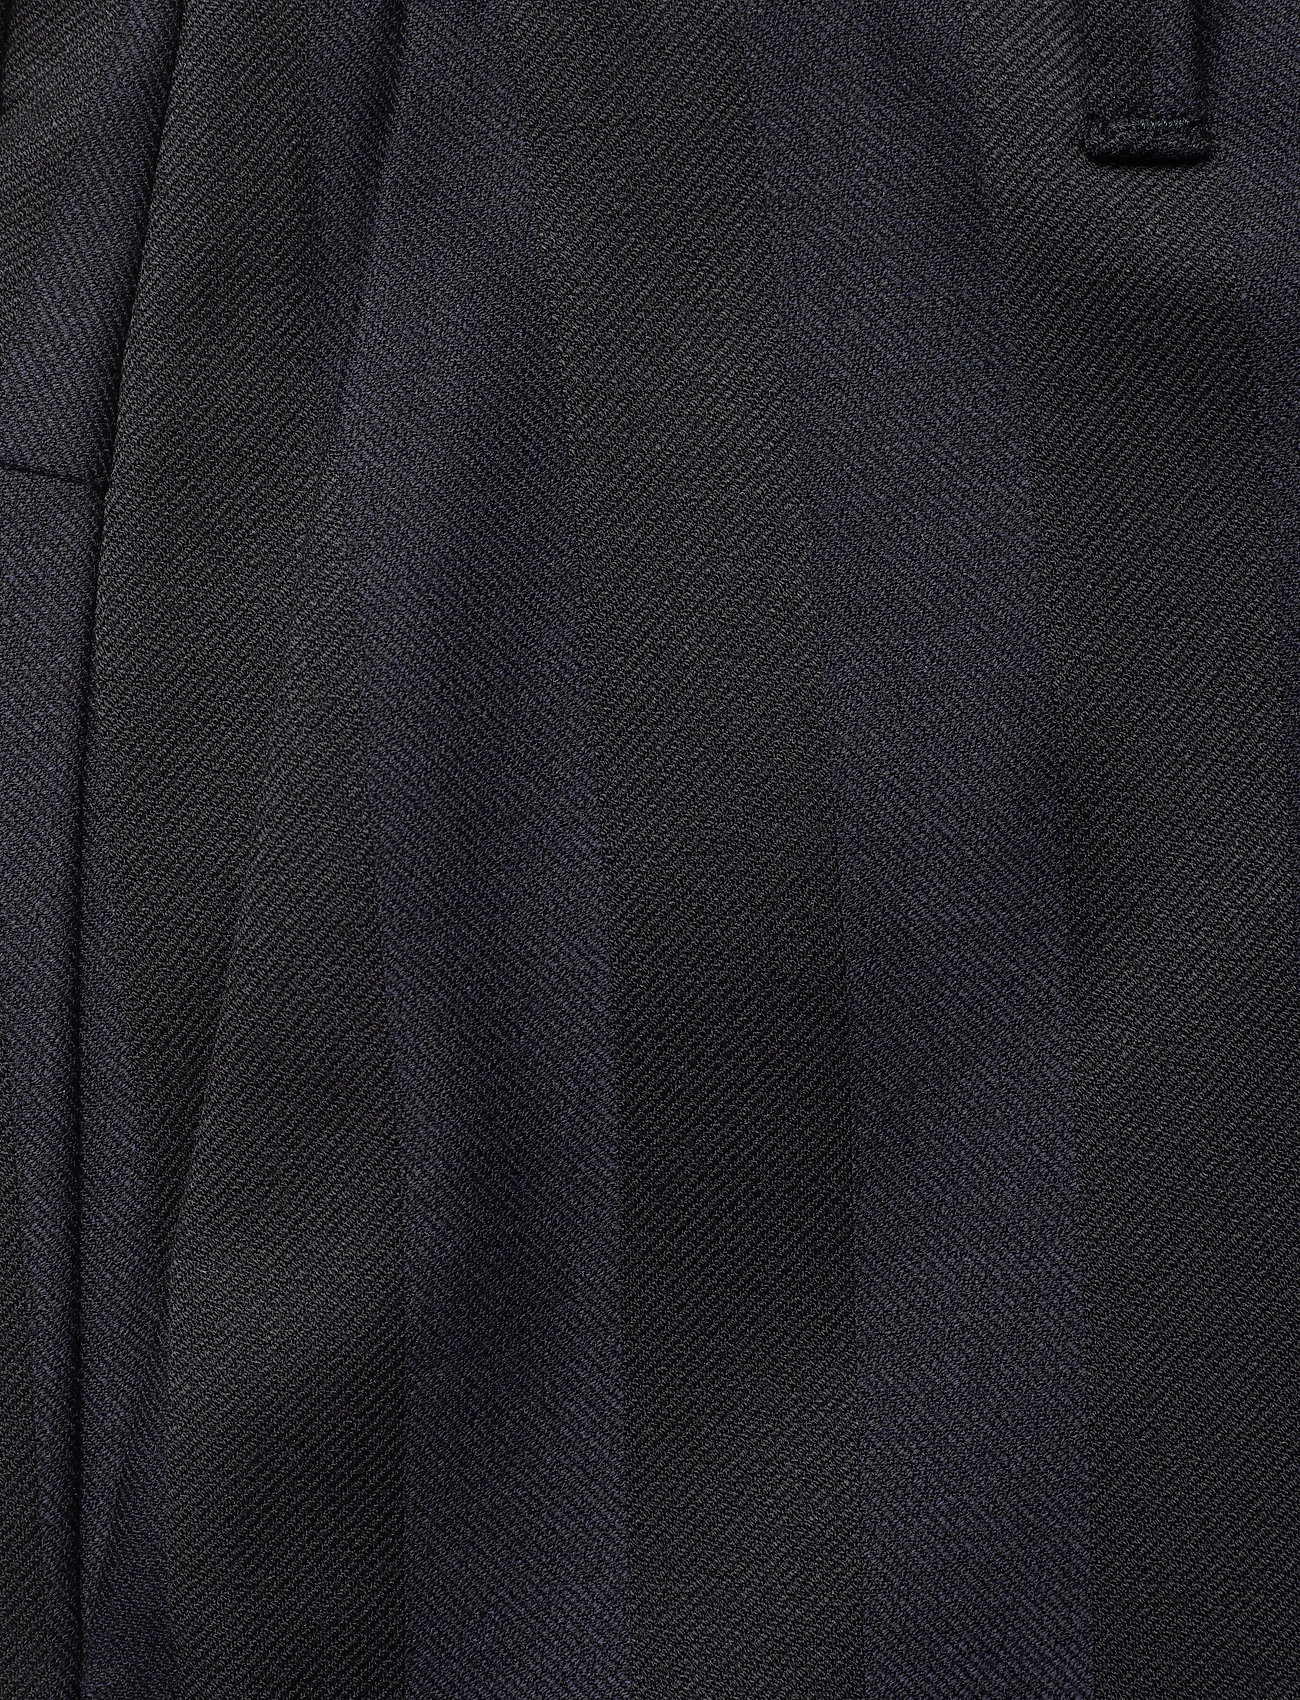 Hope Krissy Trousers - Trousers DK BLUE STRIPE